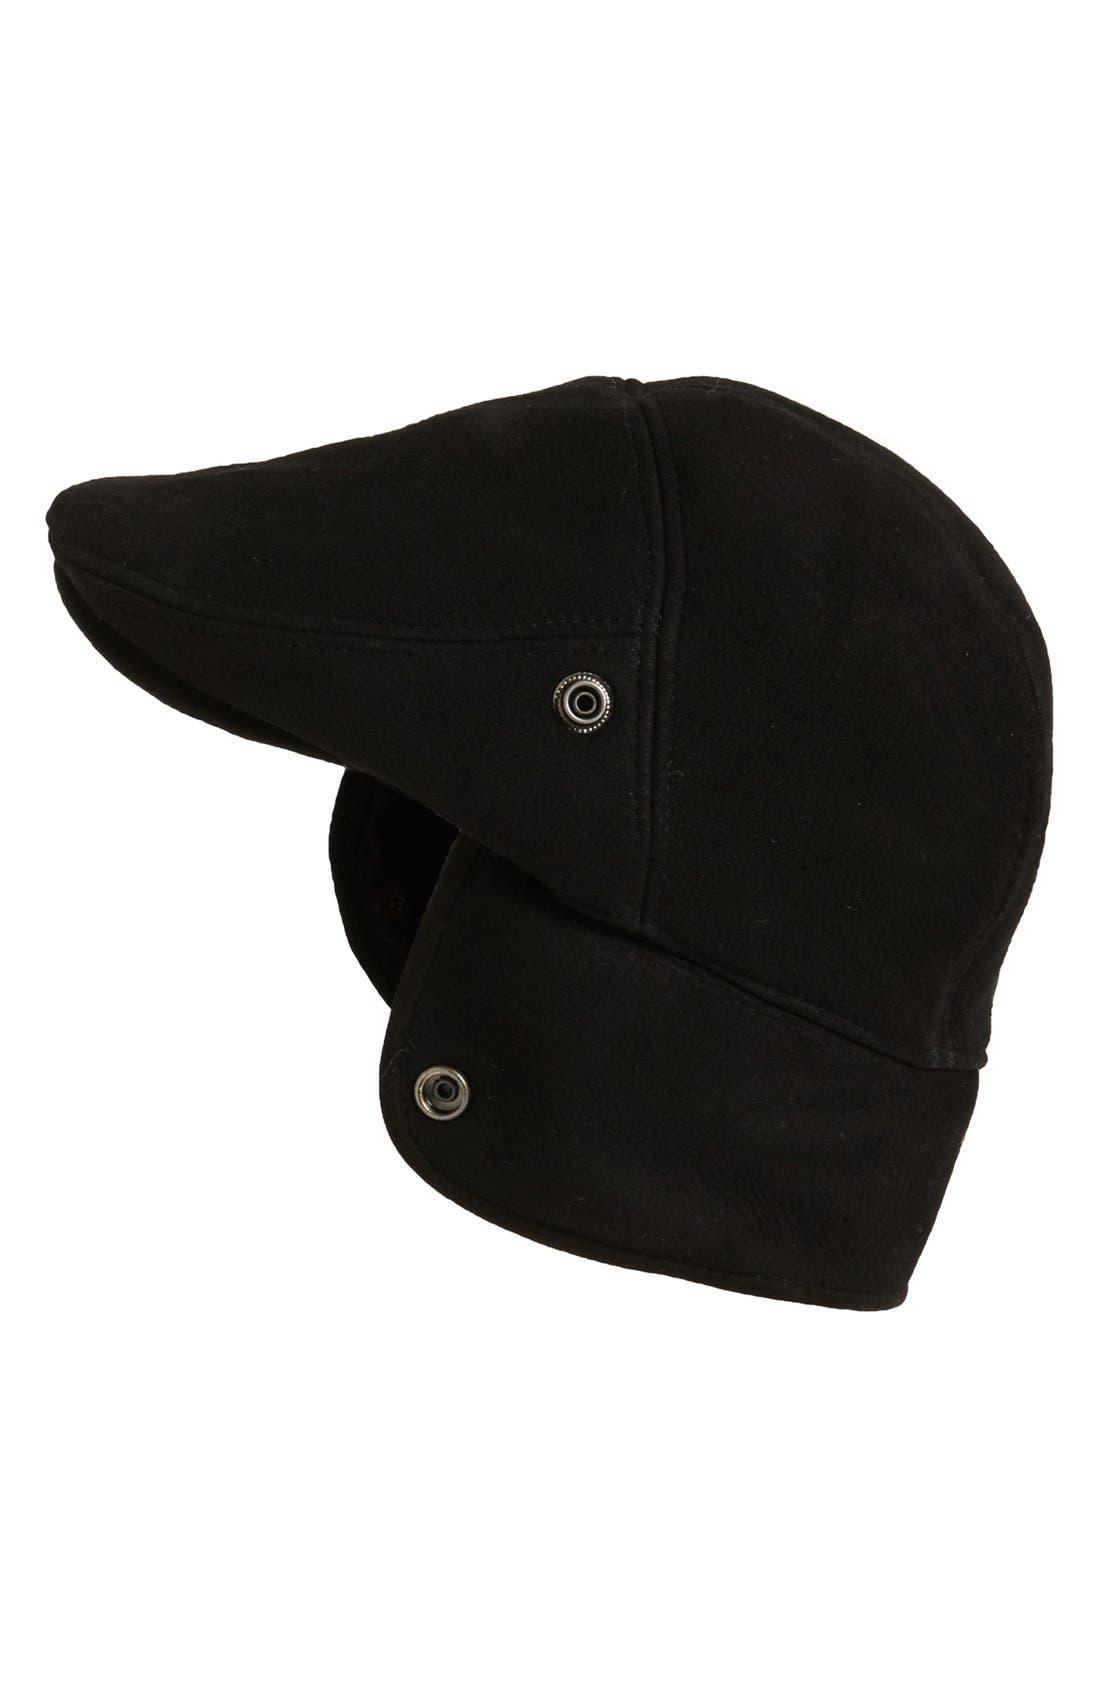 Alternate Image 1 Selected - UGG® Australia 'Ivy' Hat